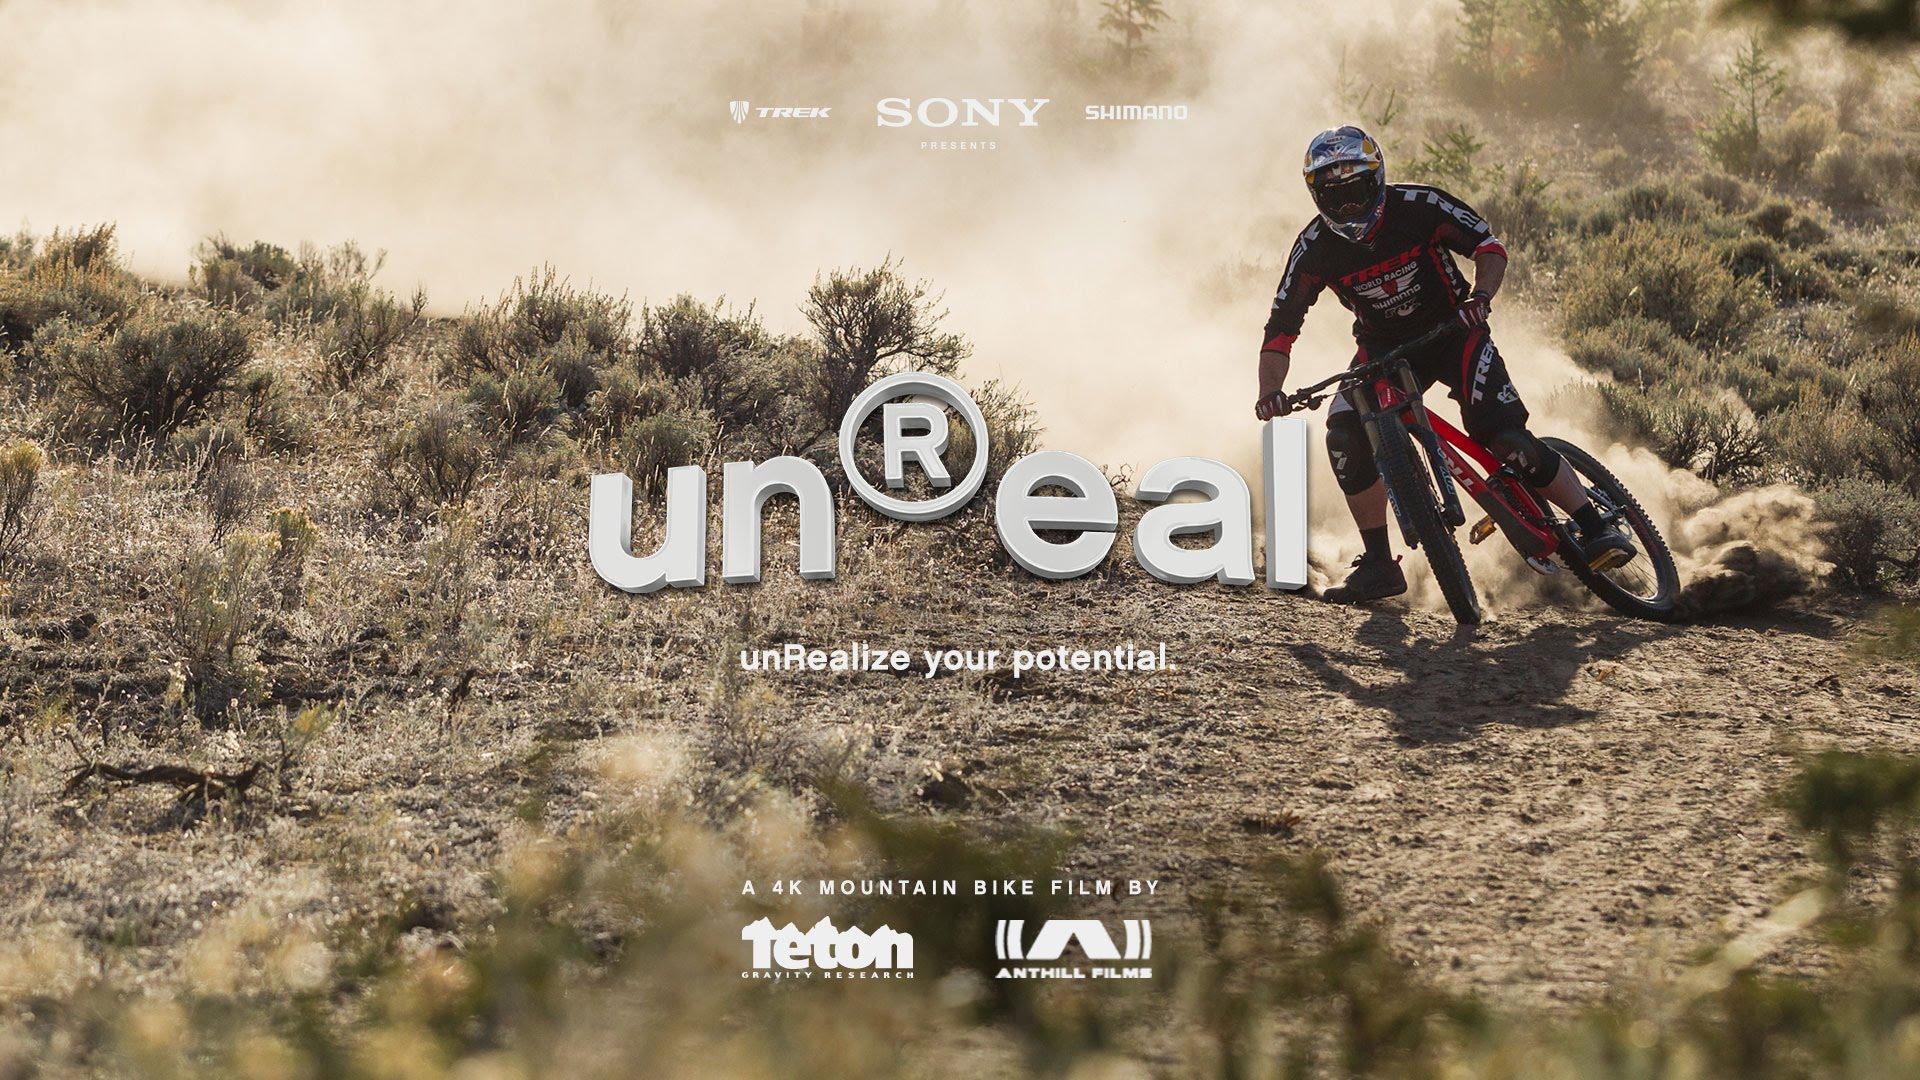 Moutainbike Movie - unReal kostenlos ansehen am 6.11.2015